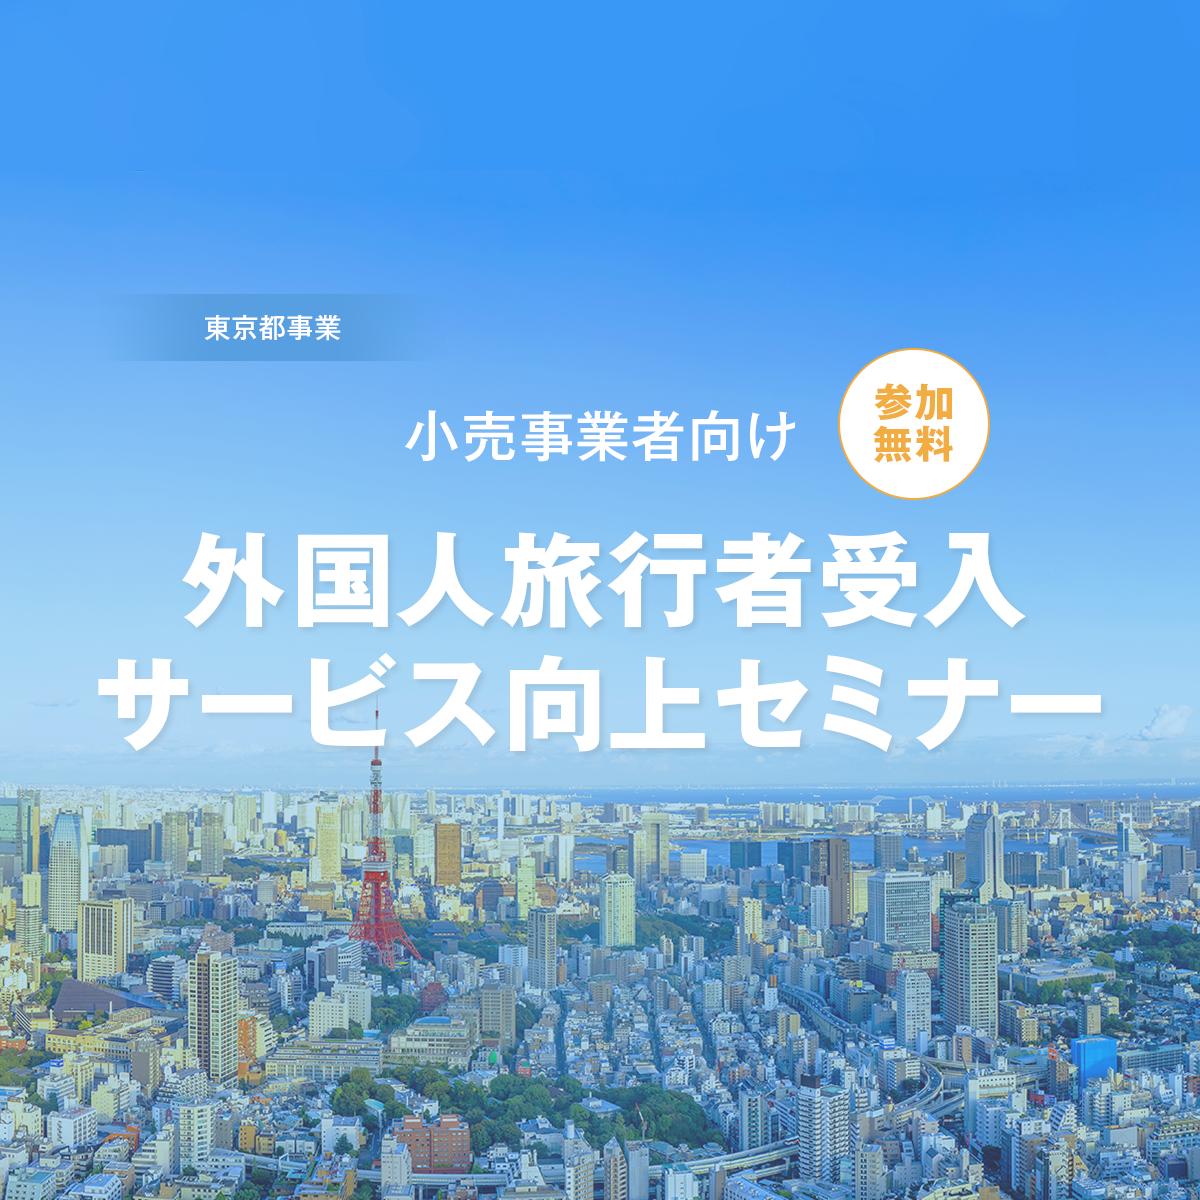 東京都 小売事業者向け「外国人旅行者受入サービス向上セミナー・アドバイザー派遣」のご案内